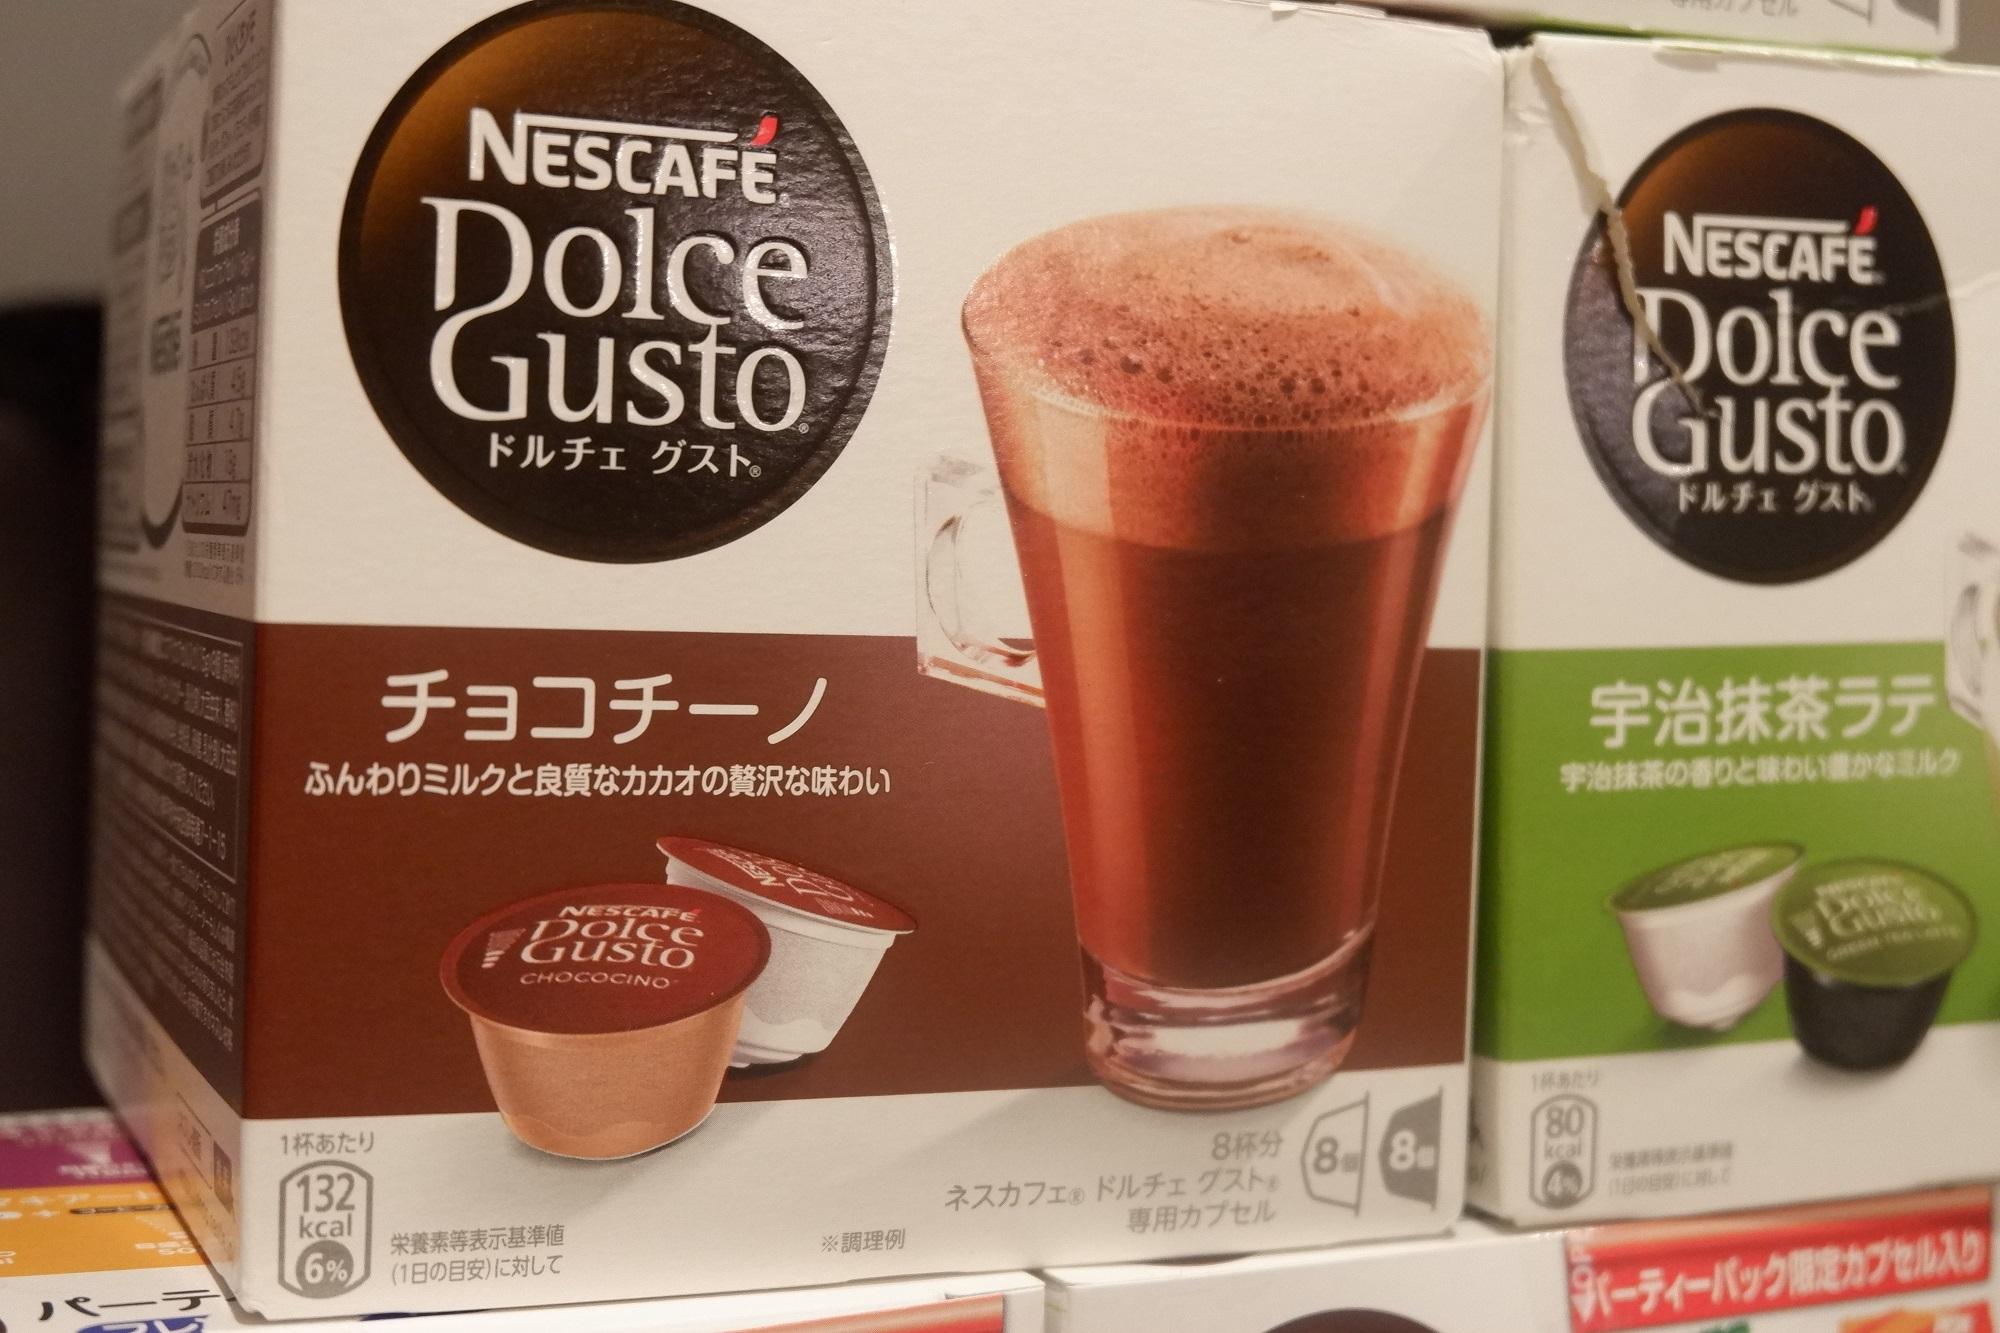 ドルチェグスト - チョコチーノ